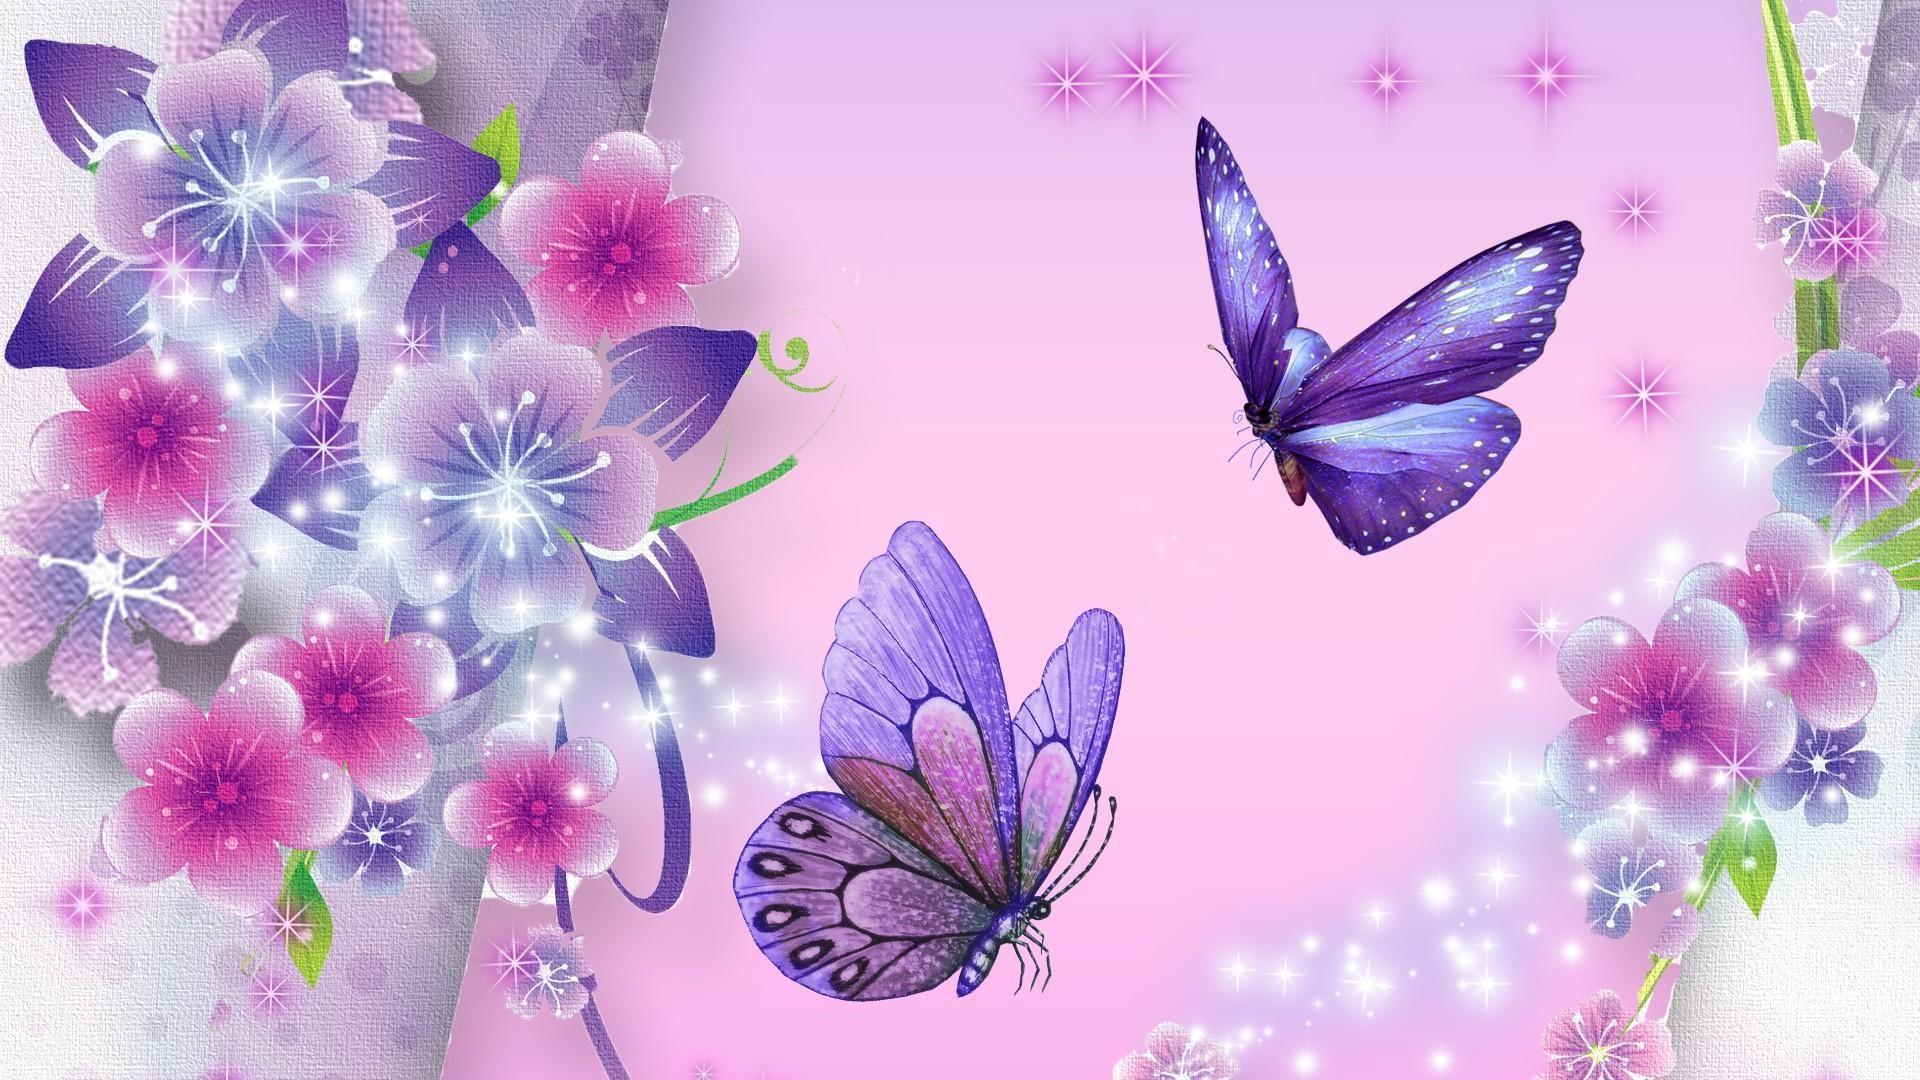 Beautiful Art Butterflies Wallpaper 4 Jpg 1920 1080 Butterfly